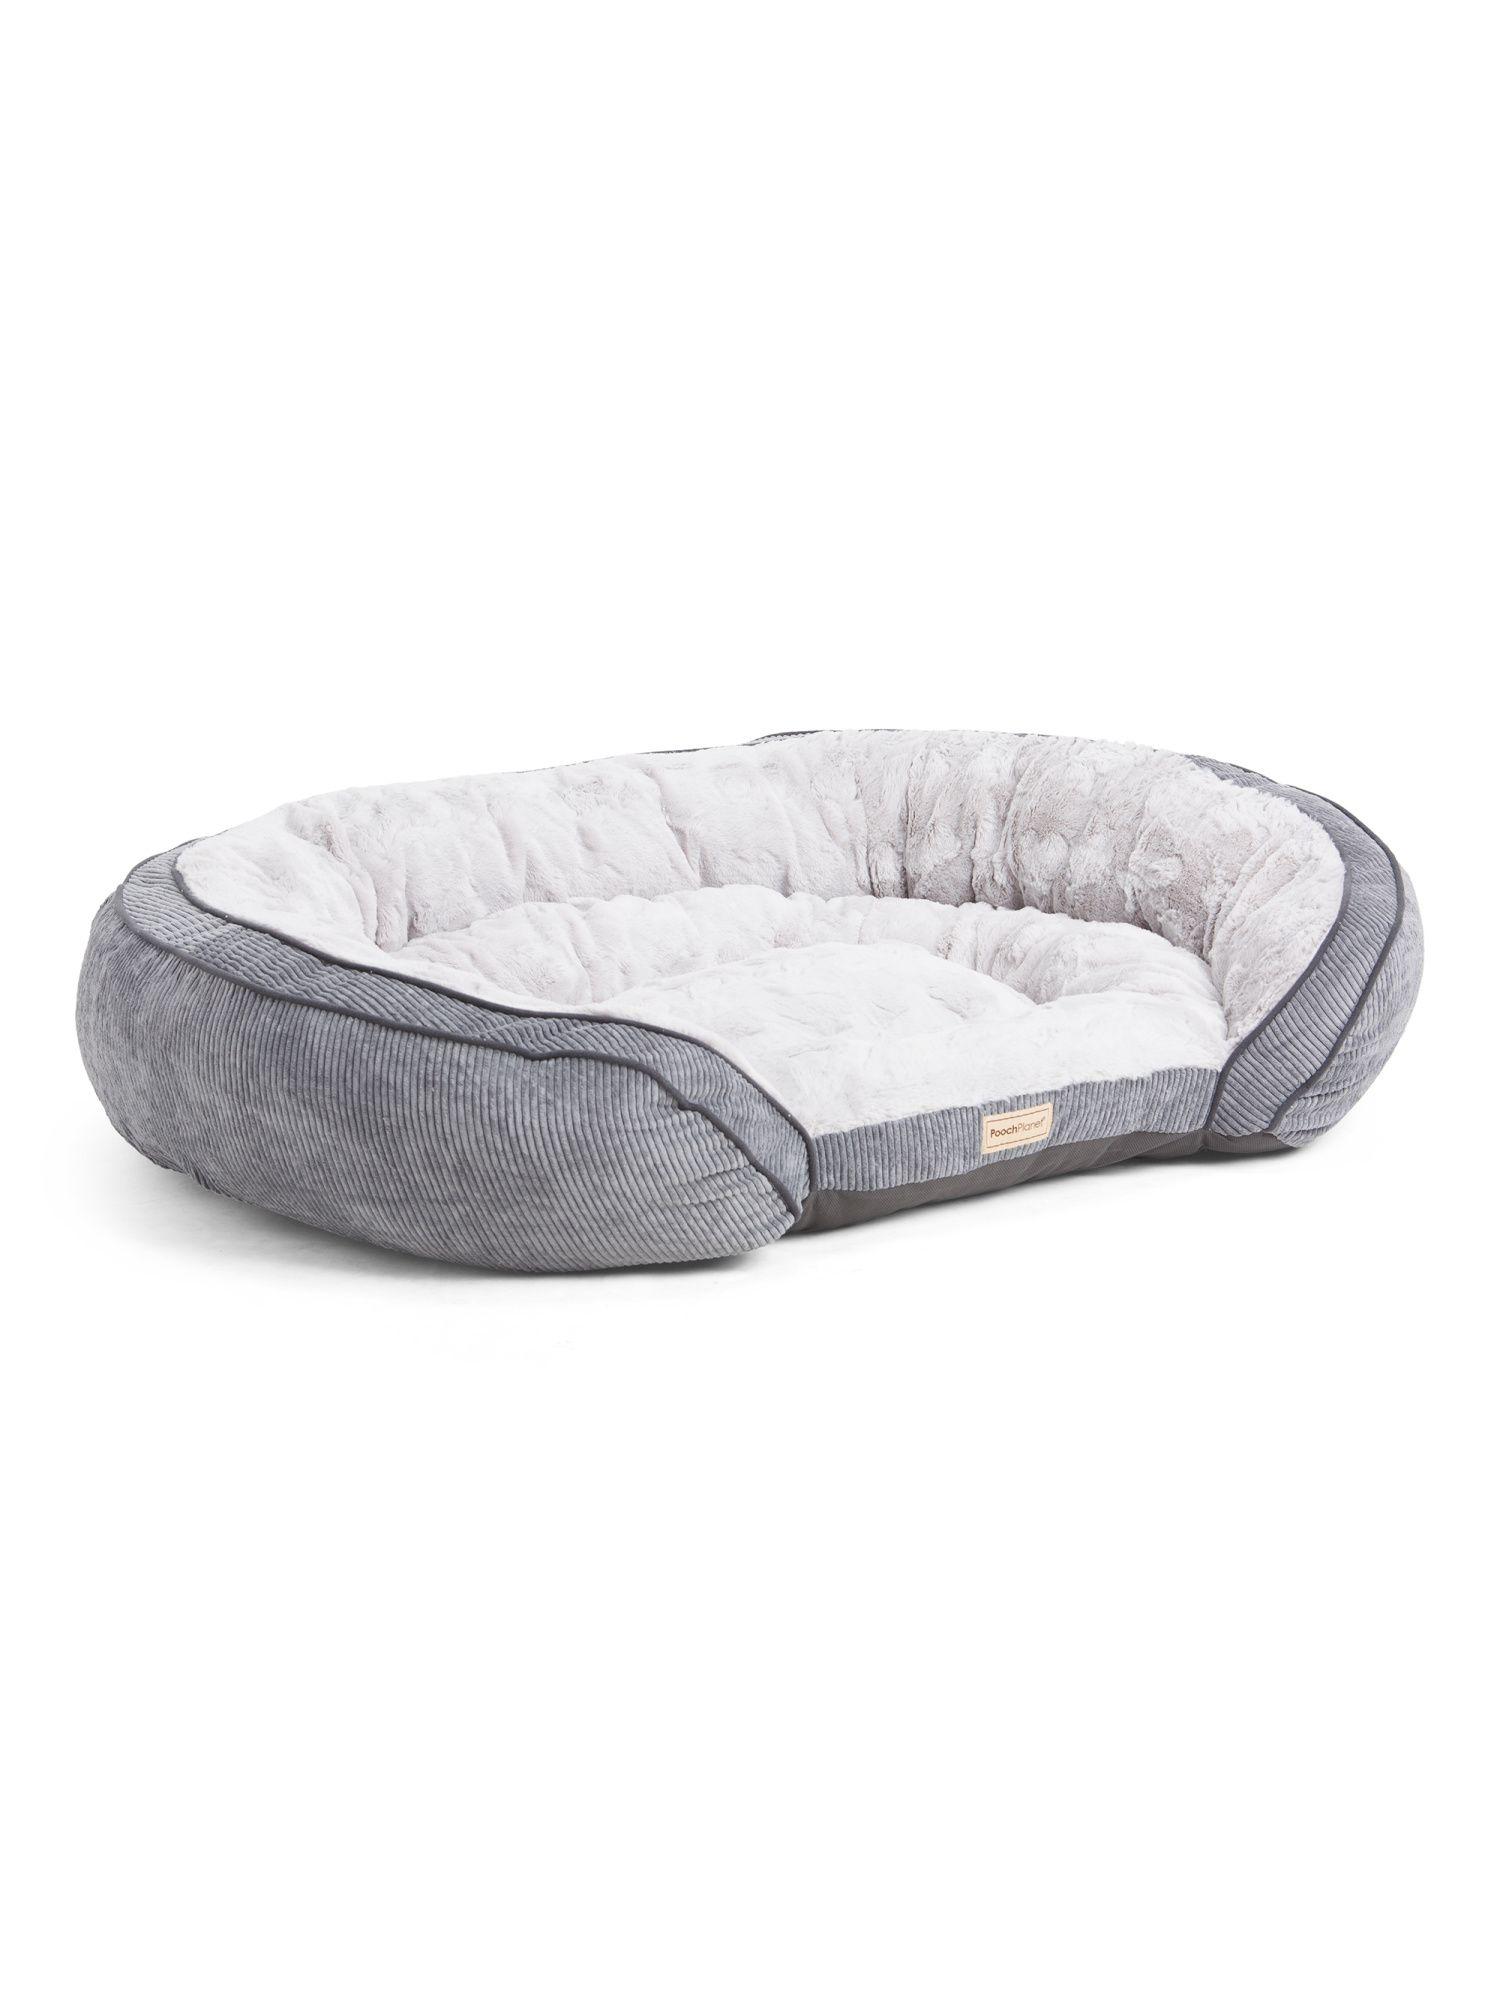 Grand Comfort Memory Foam Dog Bed Dog bed, Memory foam